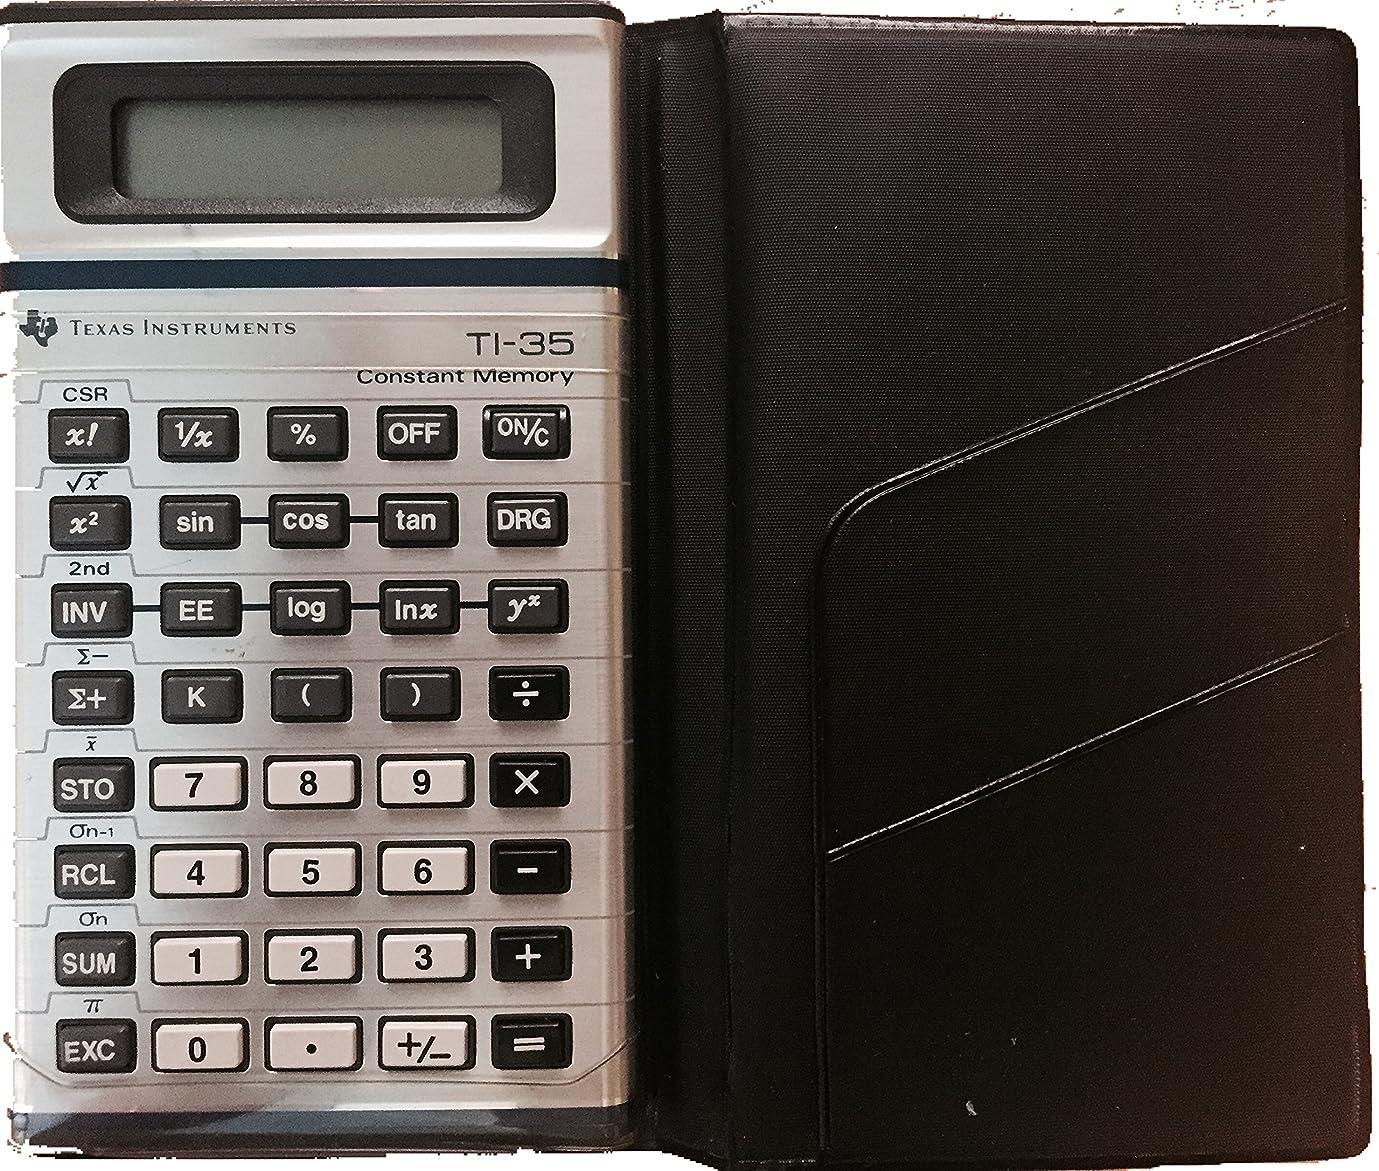 操作ごちそう発火するTexas Instruments ti-35定数メモリScientific Calculator